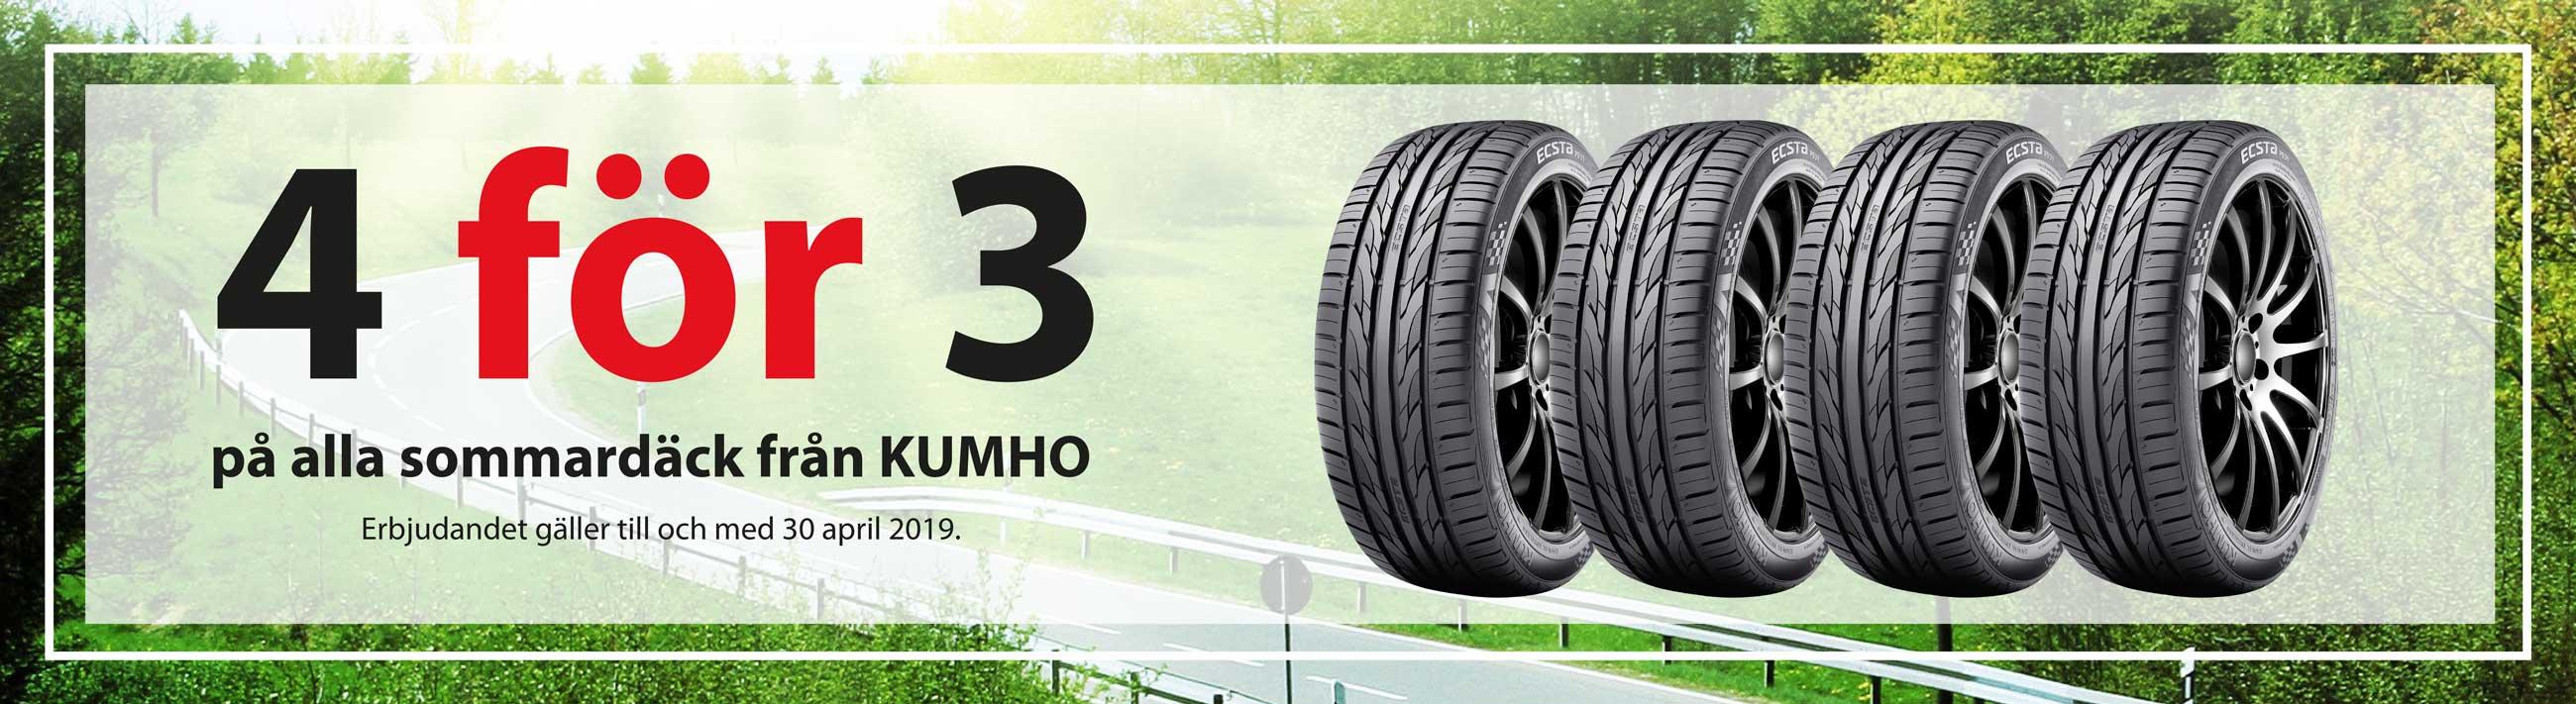 Erbjudandet KUMHO sommardäck hos Toveks Bil